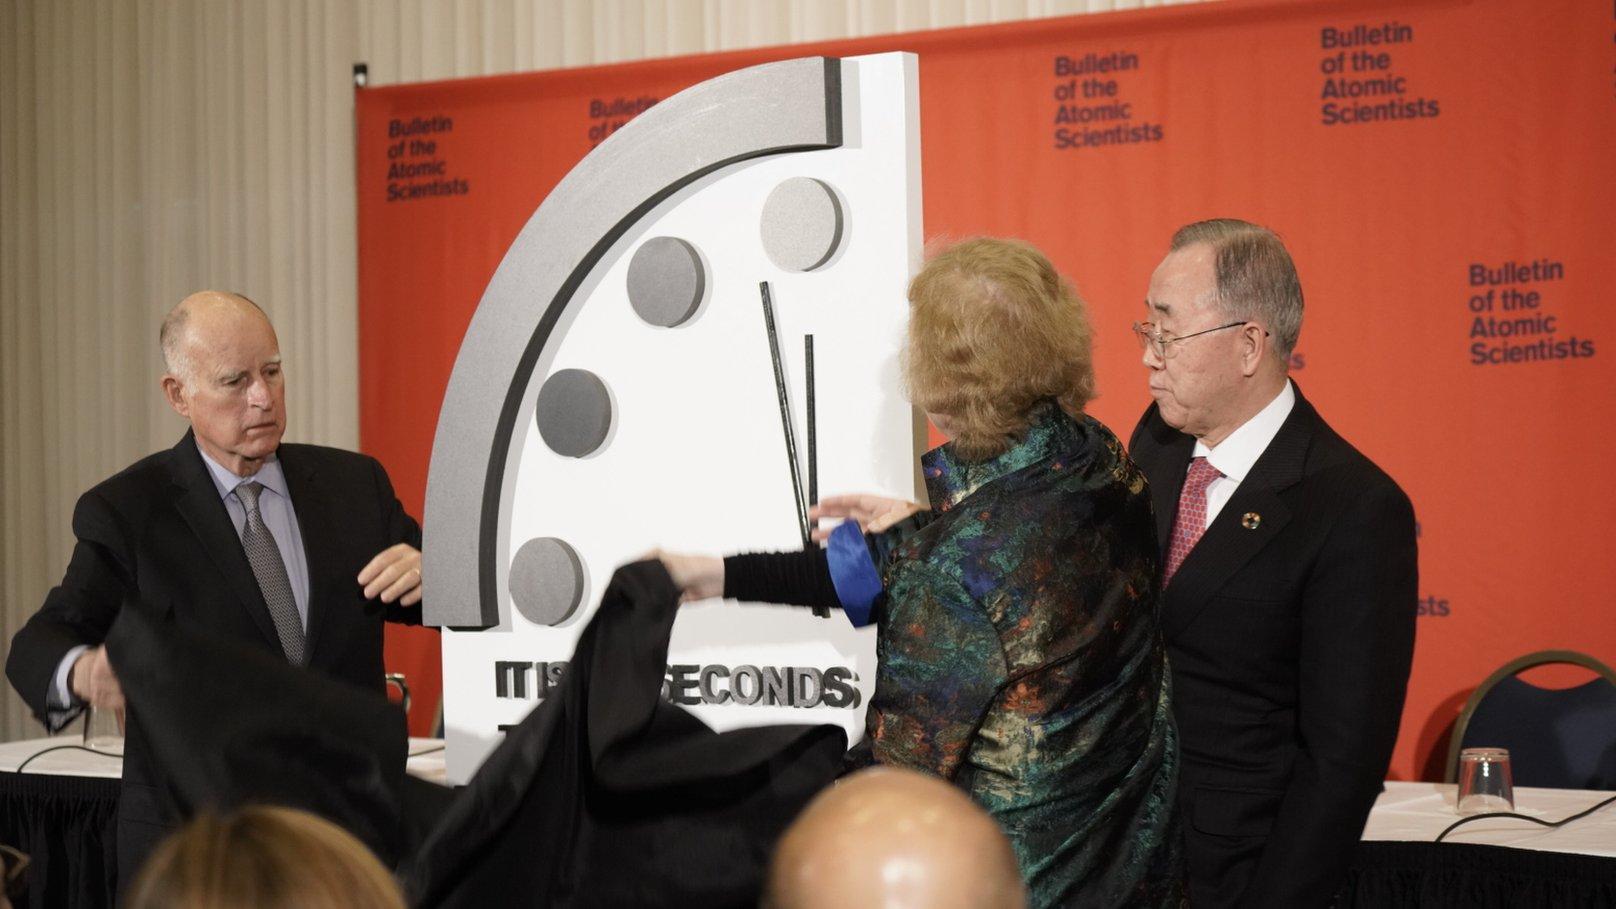 終末時計」残り100秒、史上最短に 気候変動や核問題で - BBCニュース